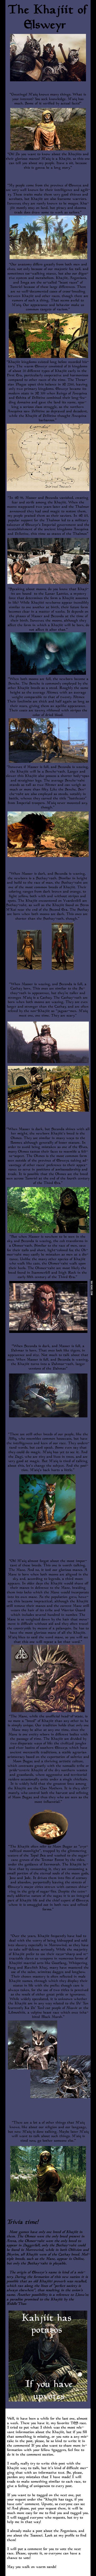 The Elder Scrolls Races: Khajiit (Warning: Long Post)